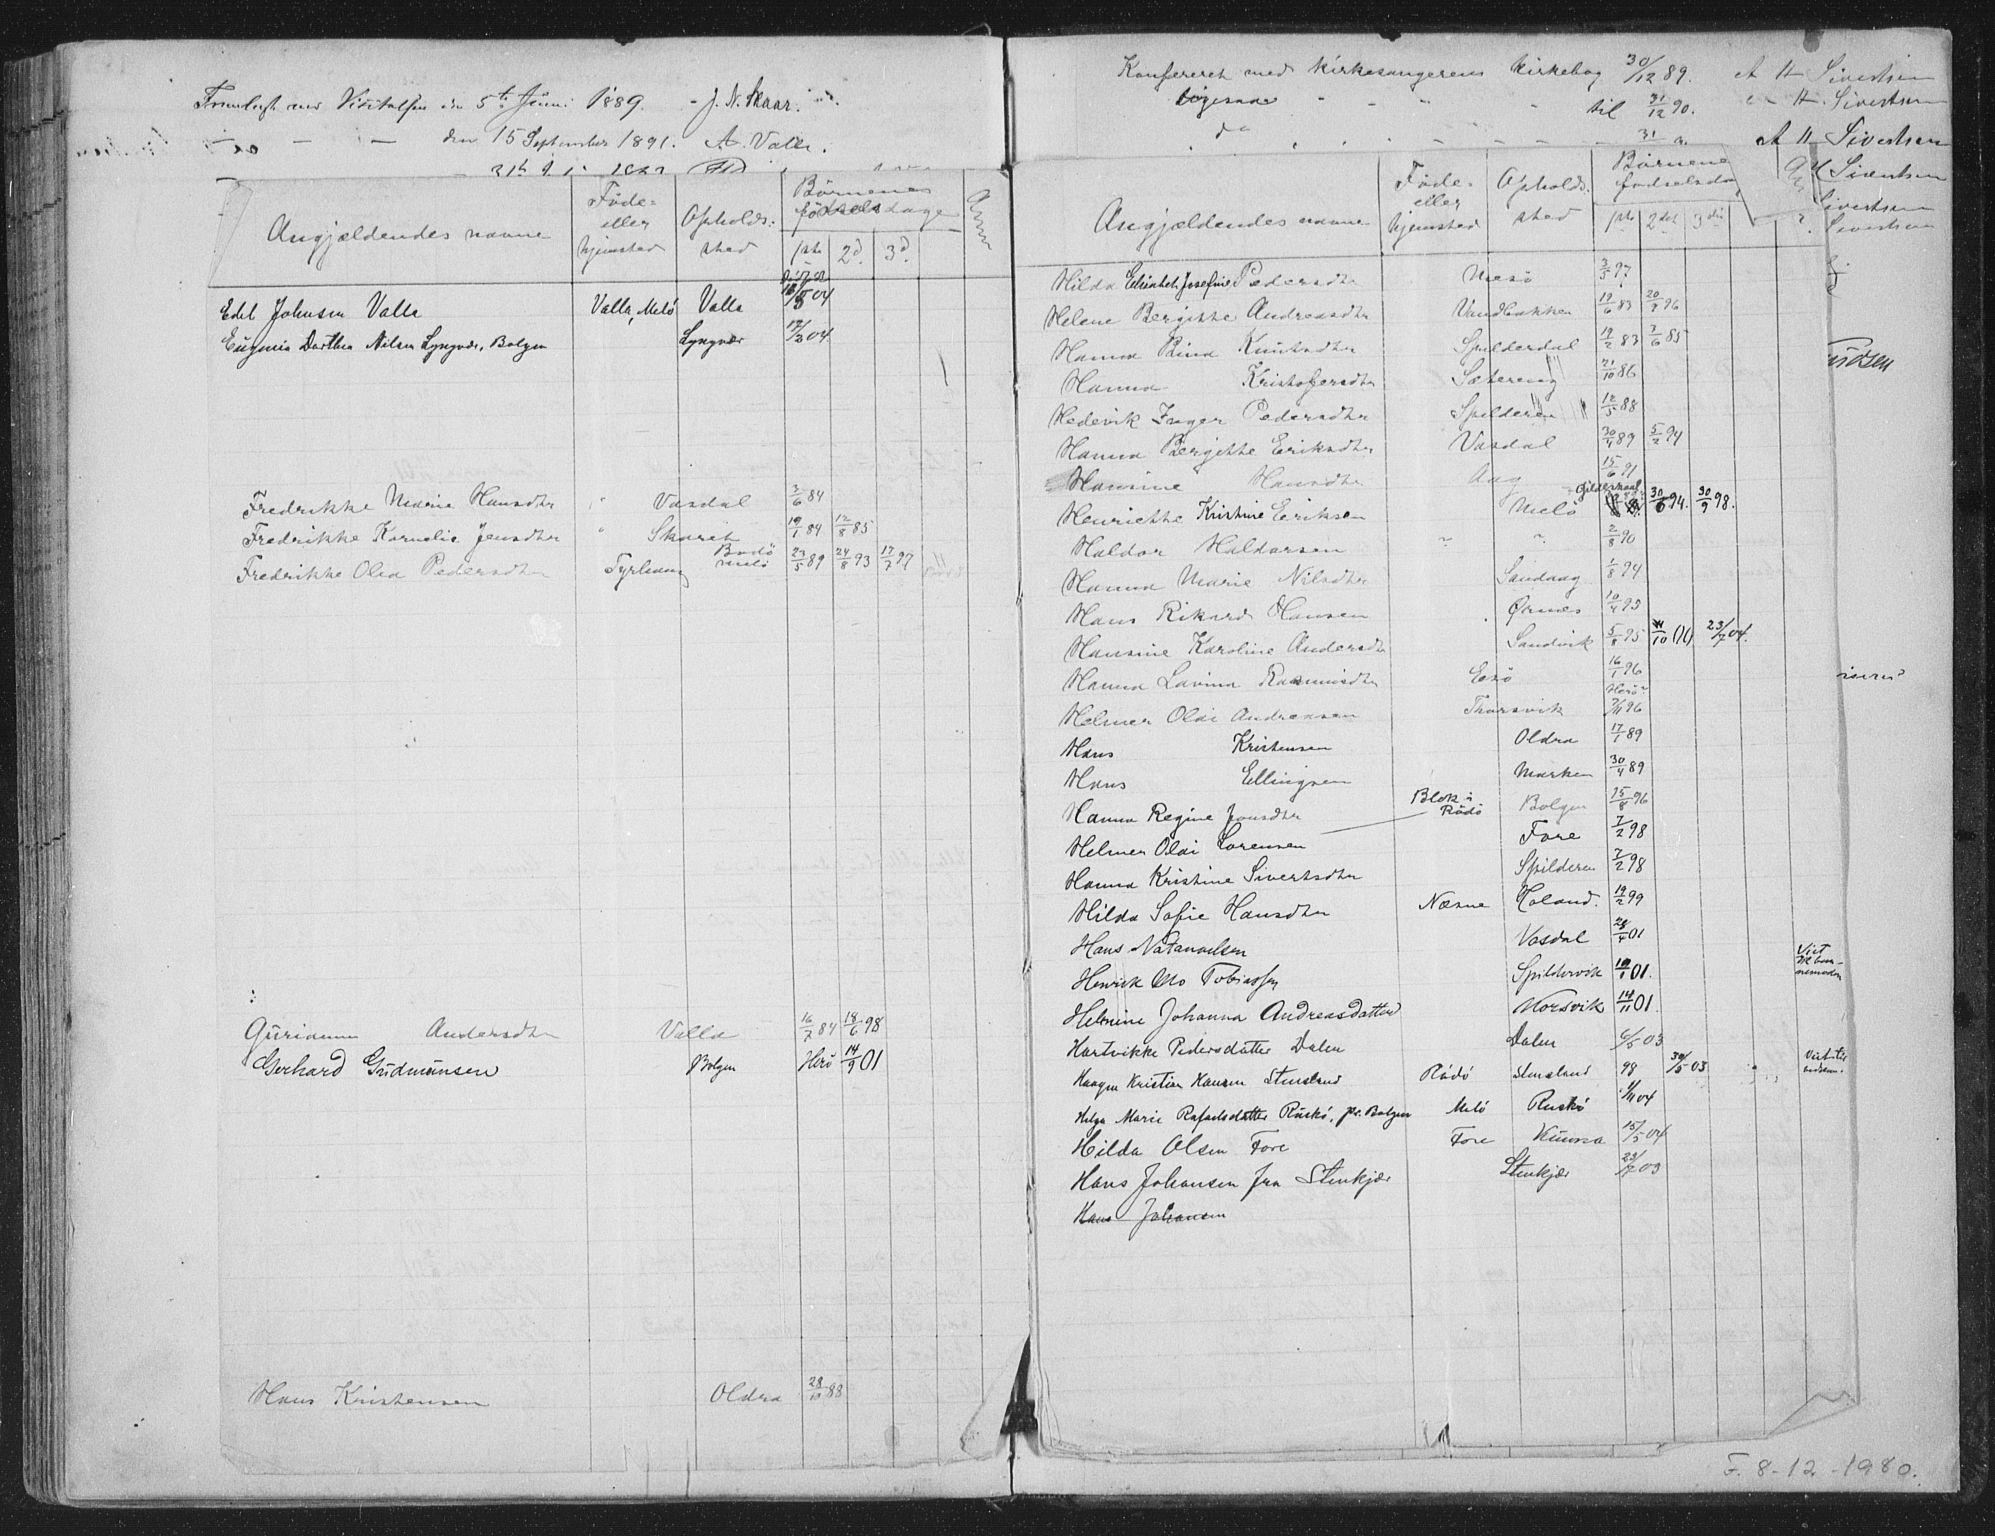 SAT, Ministerialprotokoller, klokkerbøker og fødselsregistre - Nordland, 843/L0628: Parish register (official) no. 843A03, 1889-1907